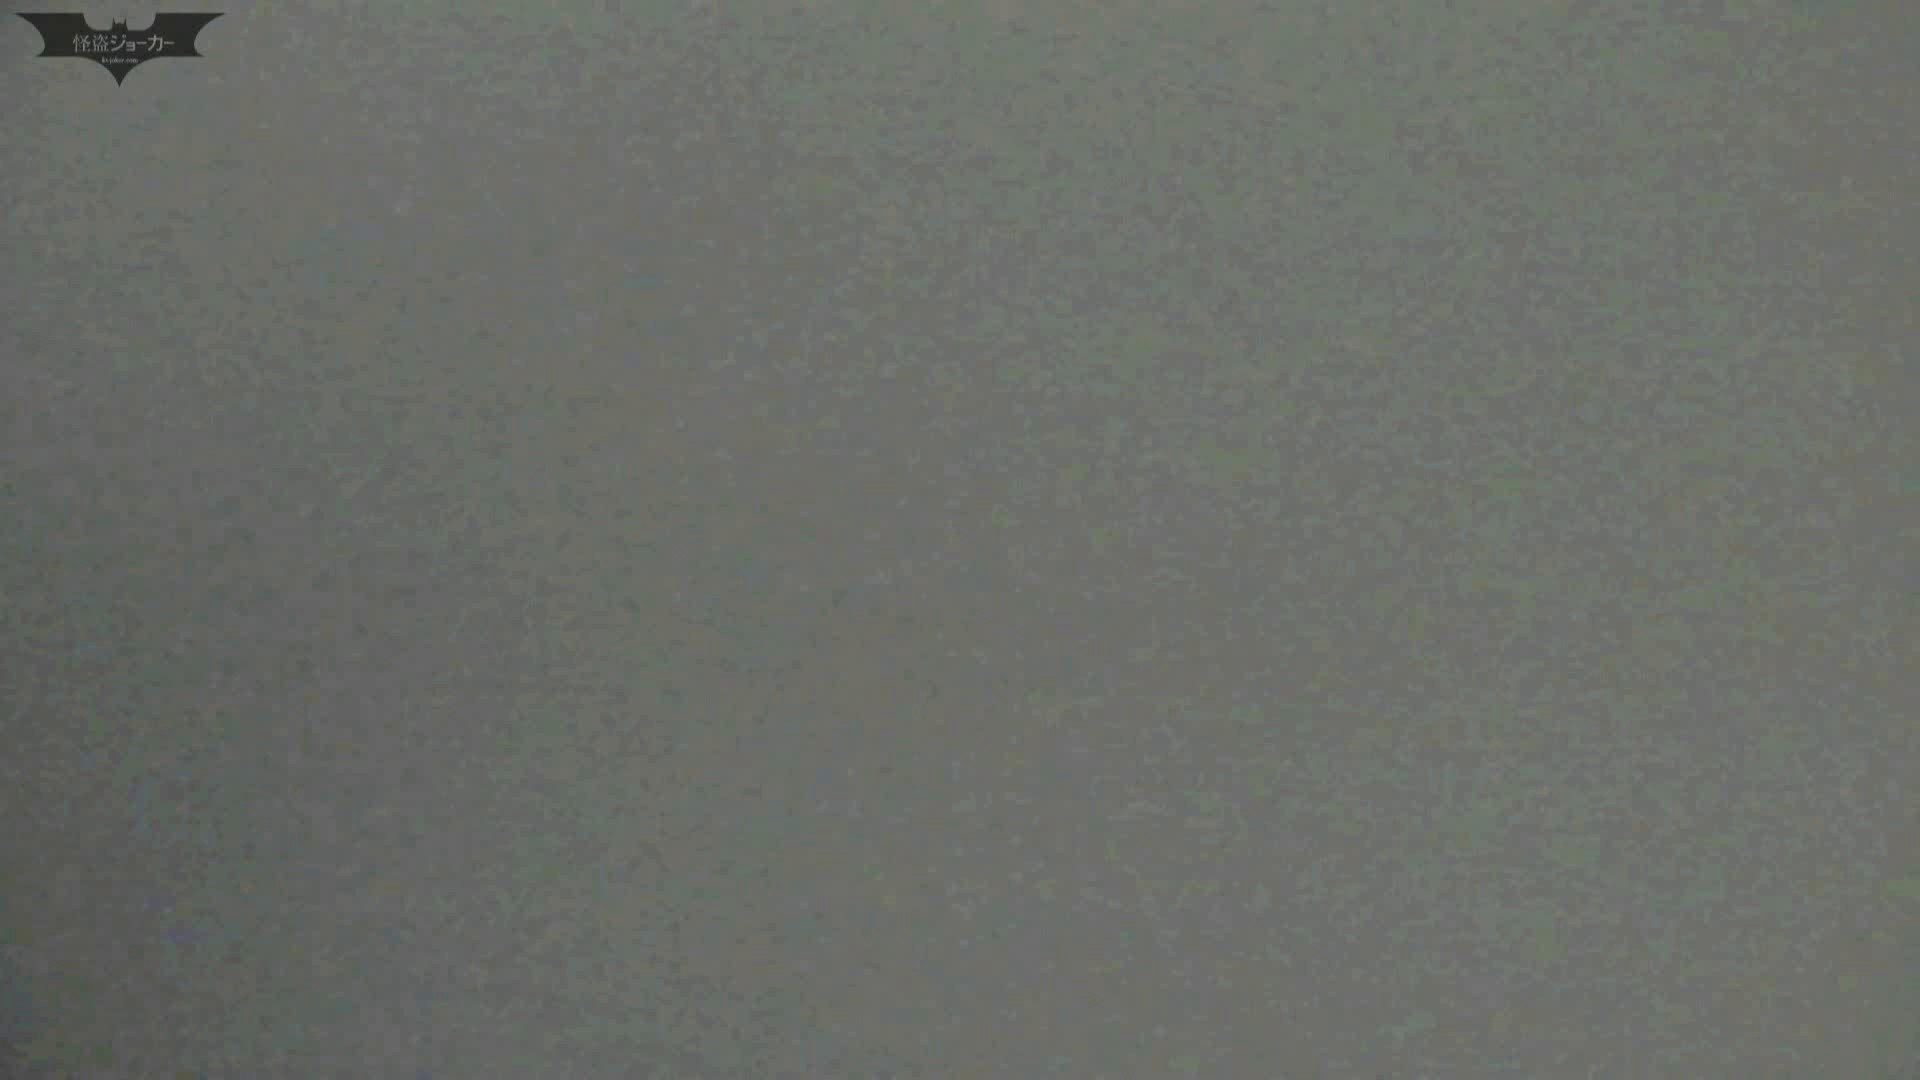 下からノゾム vol.018 スタイルいい子に、ついついて入っちゃった。 OL   0  50連発 15